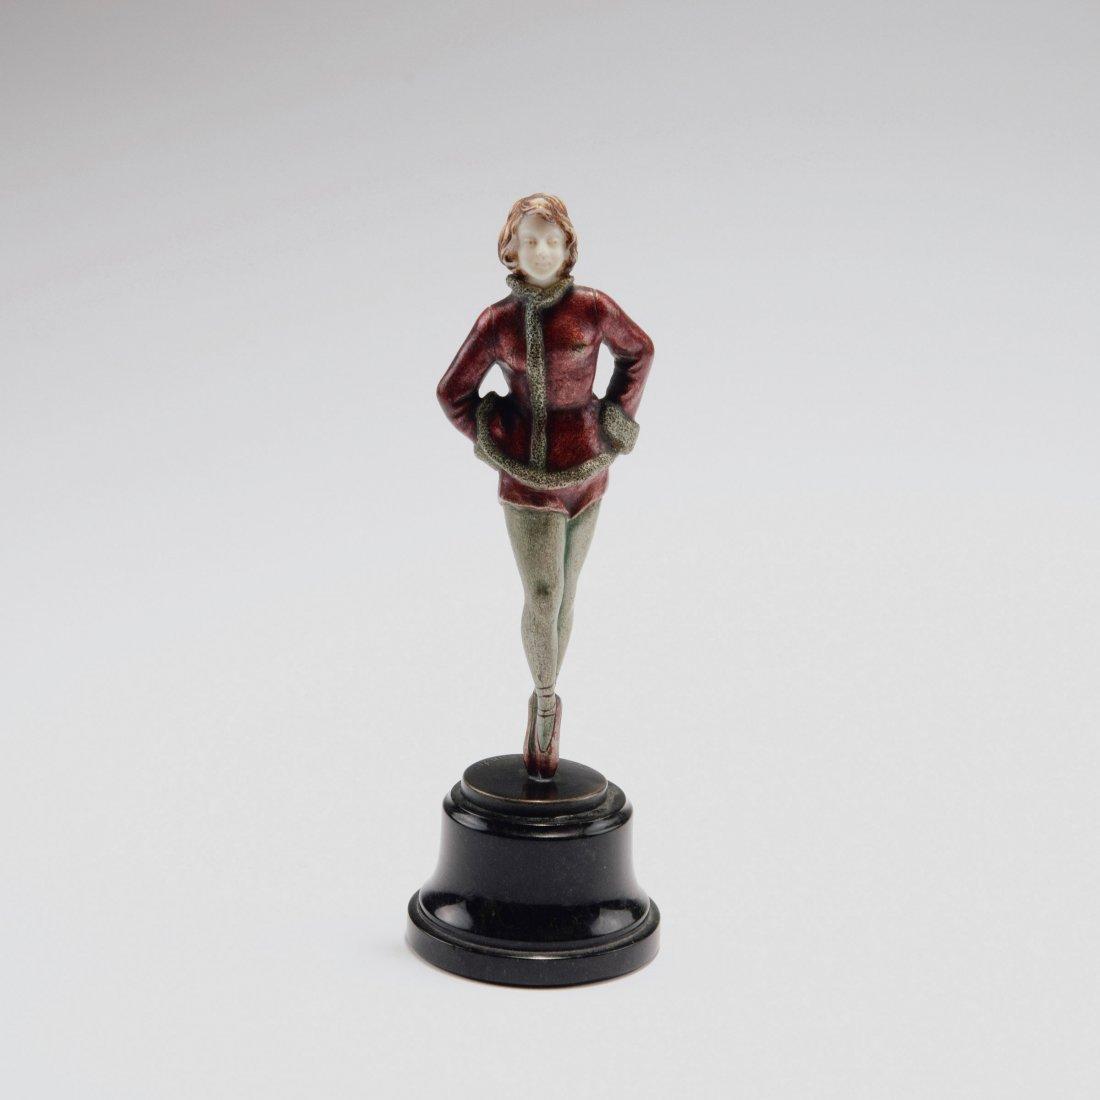 Dancer, 1920s